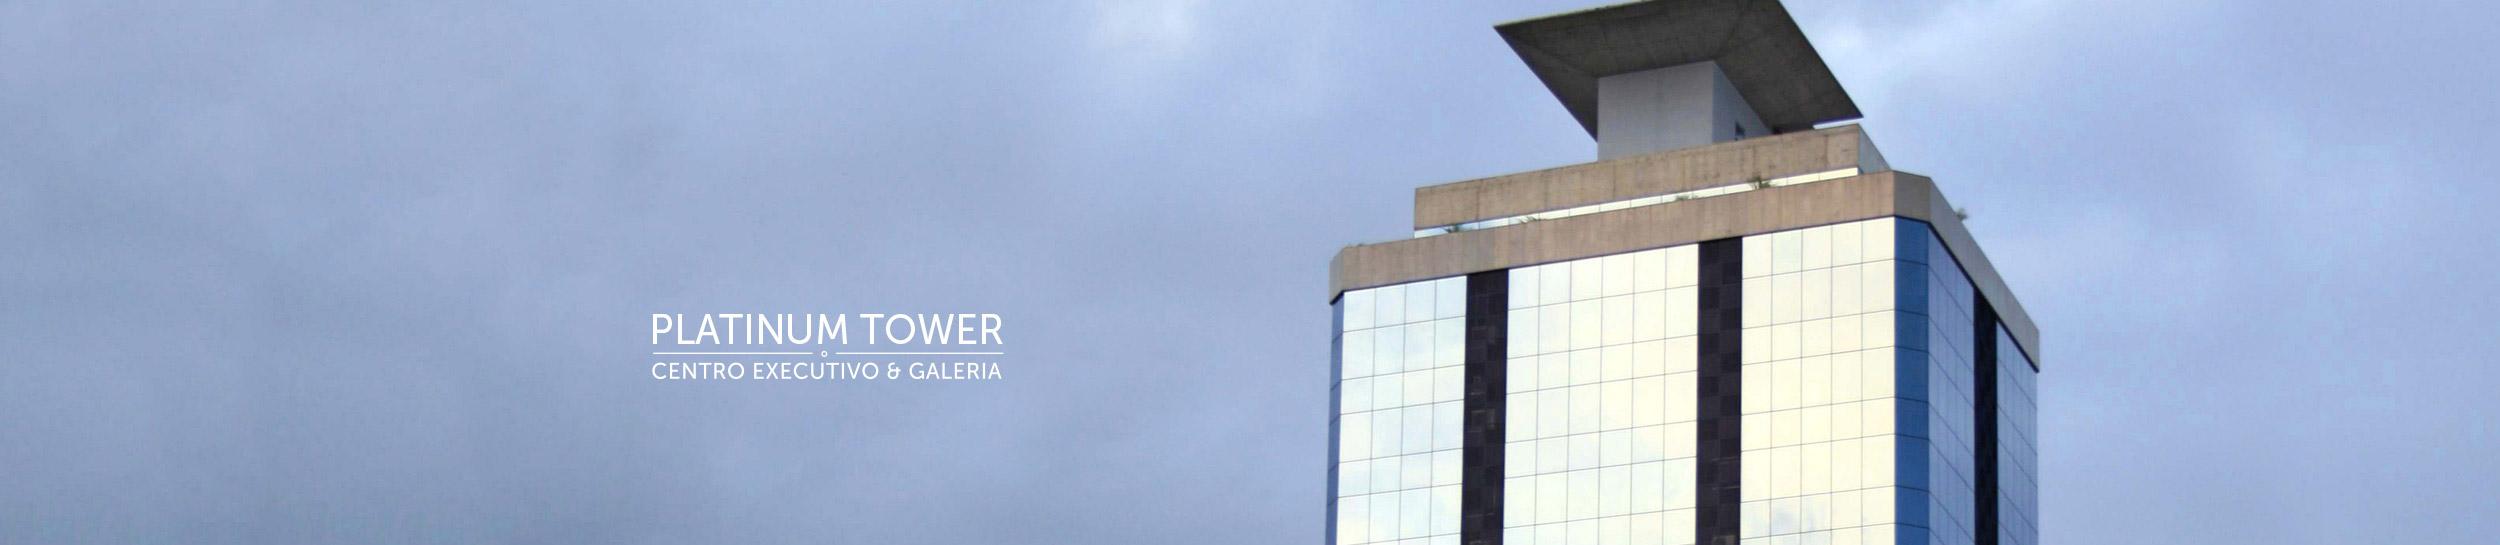 Platium Tower